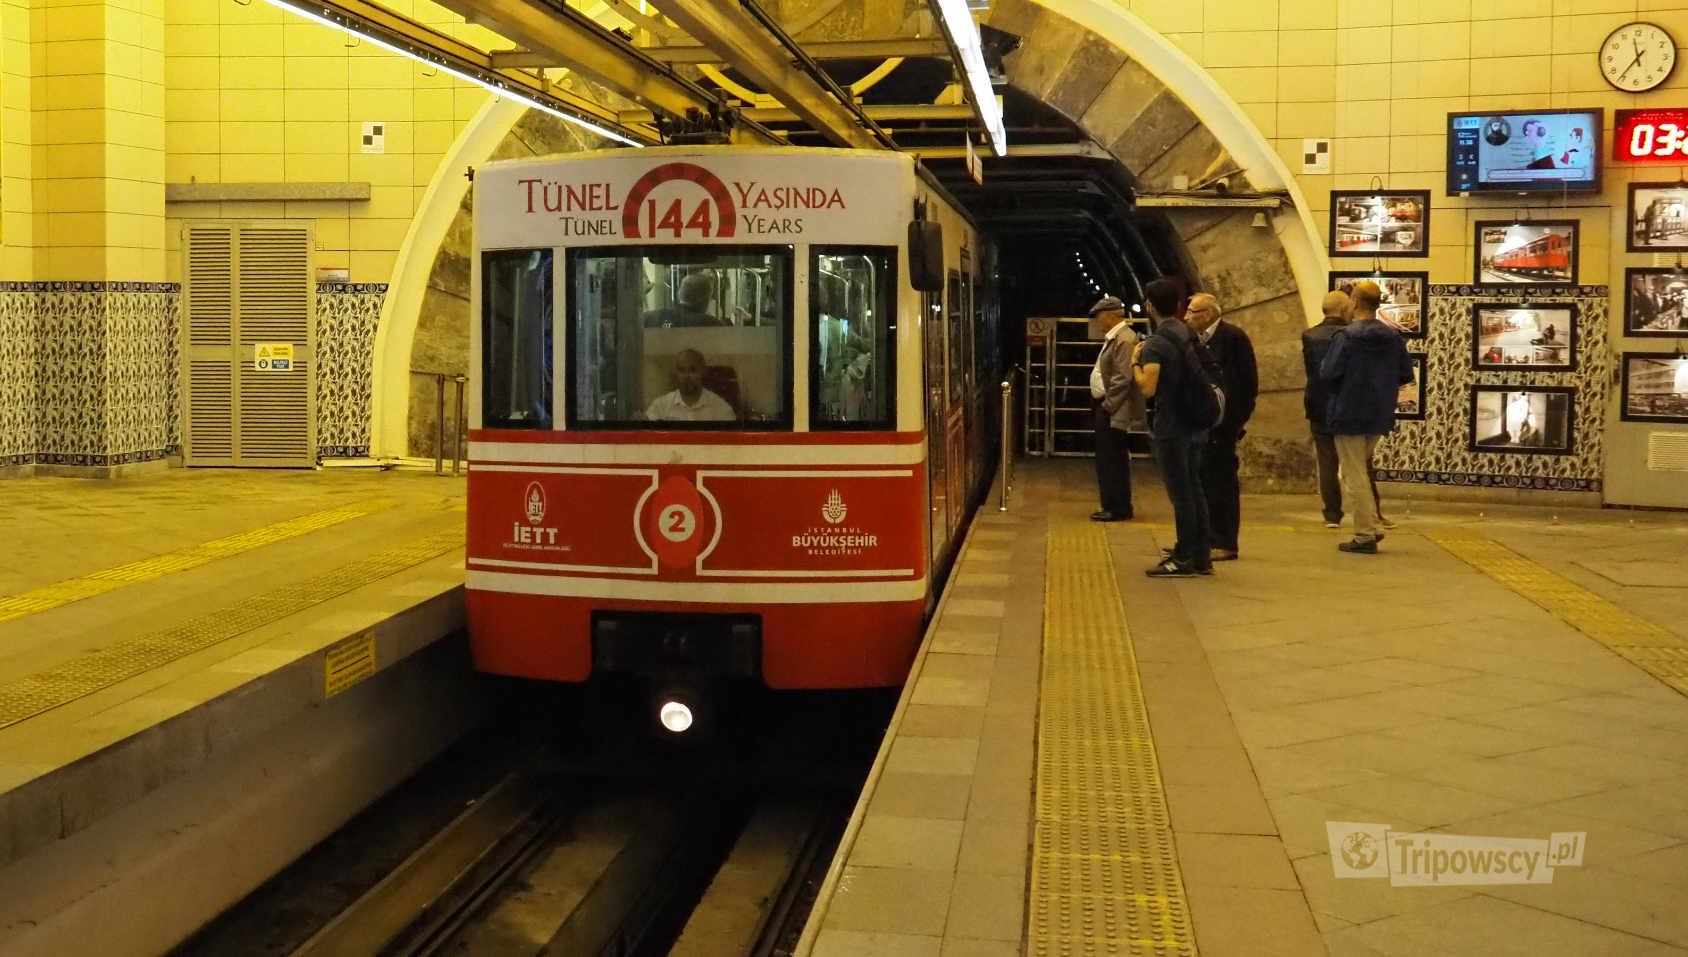 Tünel - najstarsza kolej podziemna (metro) w Turcji